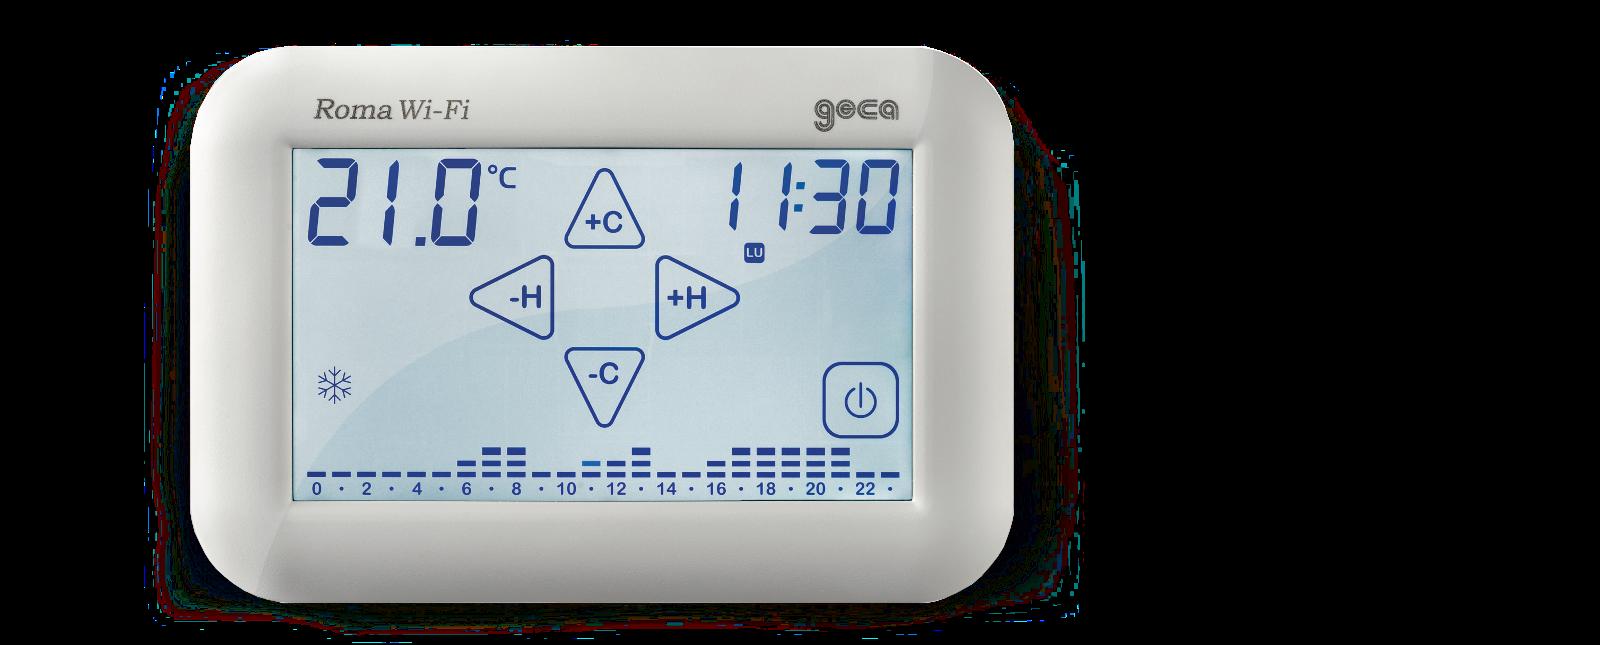 Roma cronotermostati wi fi touch screen for Geca unico termostato istruzioni